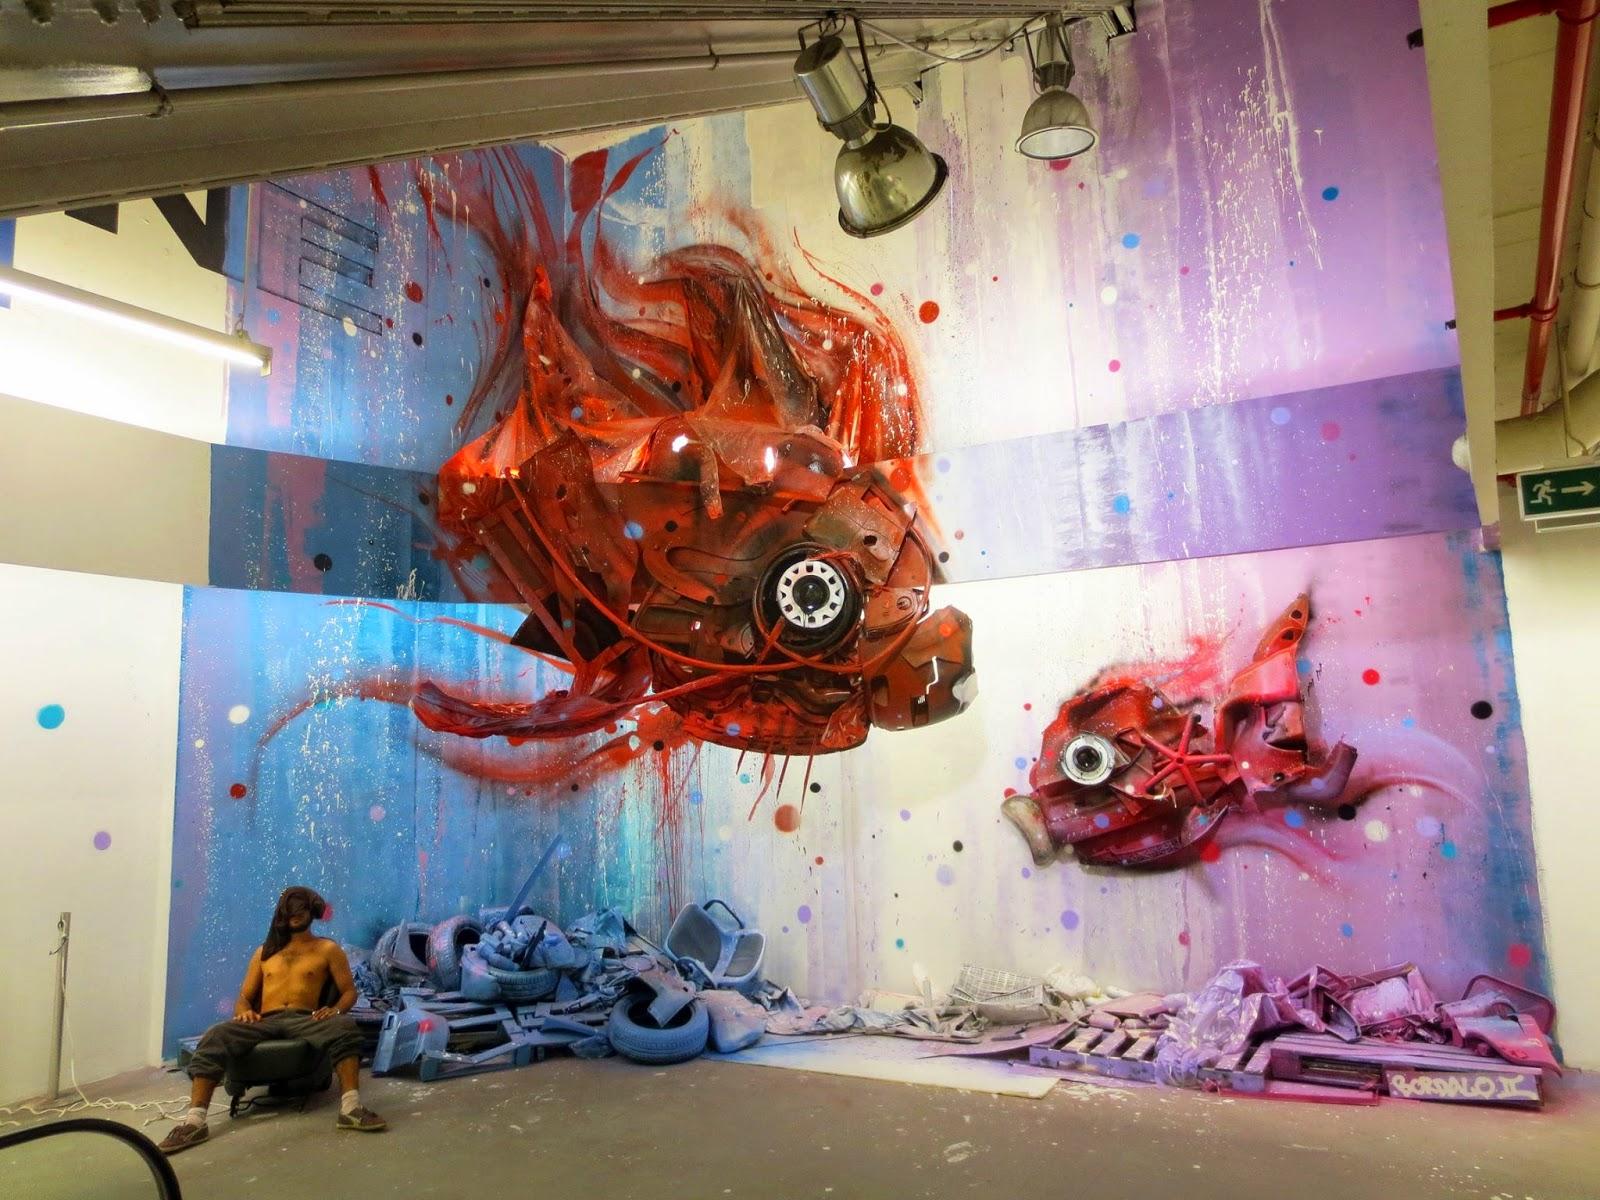 """Bordalo II unveils """"Dirty Aquarium"""", a new installation in Lisbon, Portugal"""